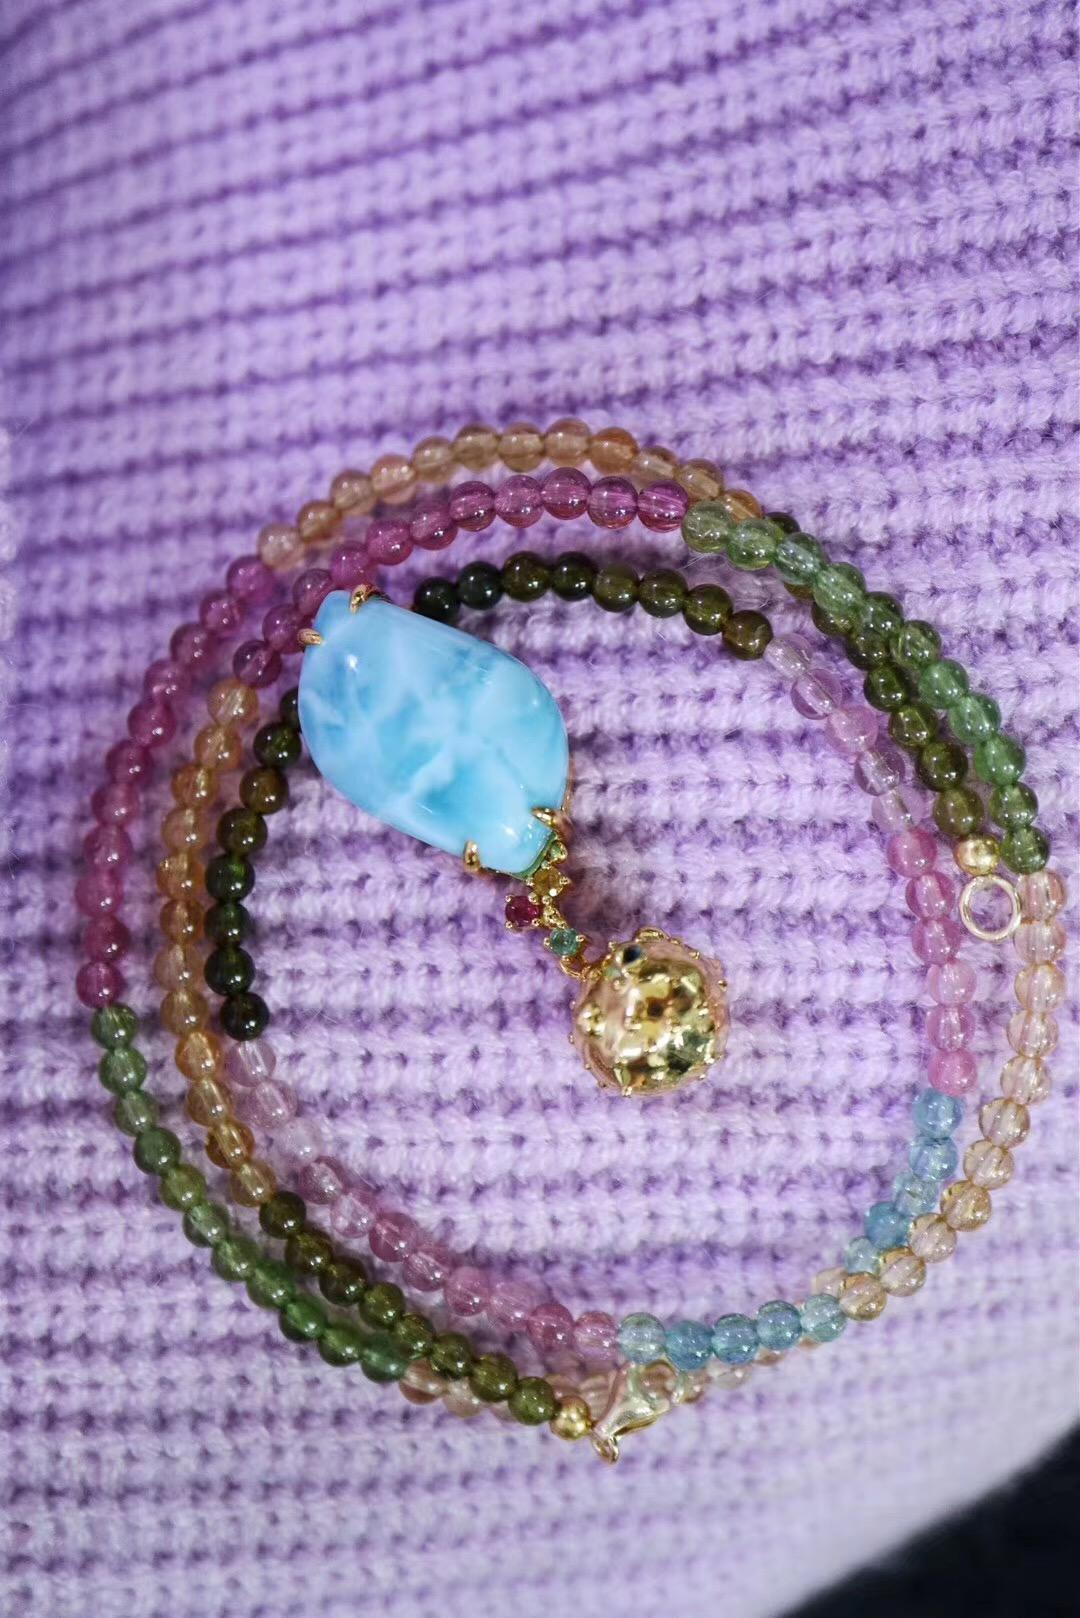 【海纹石、碧玺】彩虹天遇上了海🌊里的一只小河豚-菩心晶舍